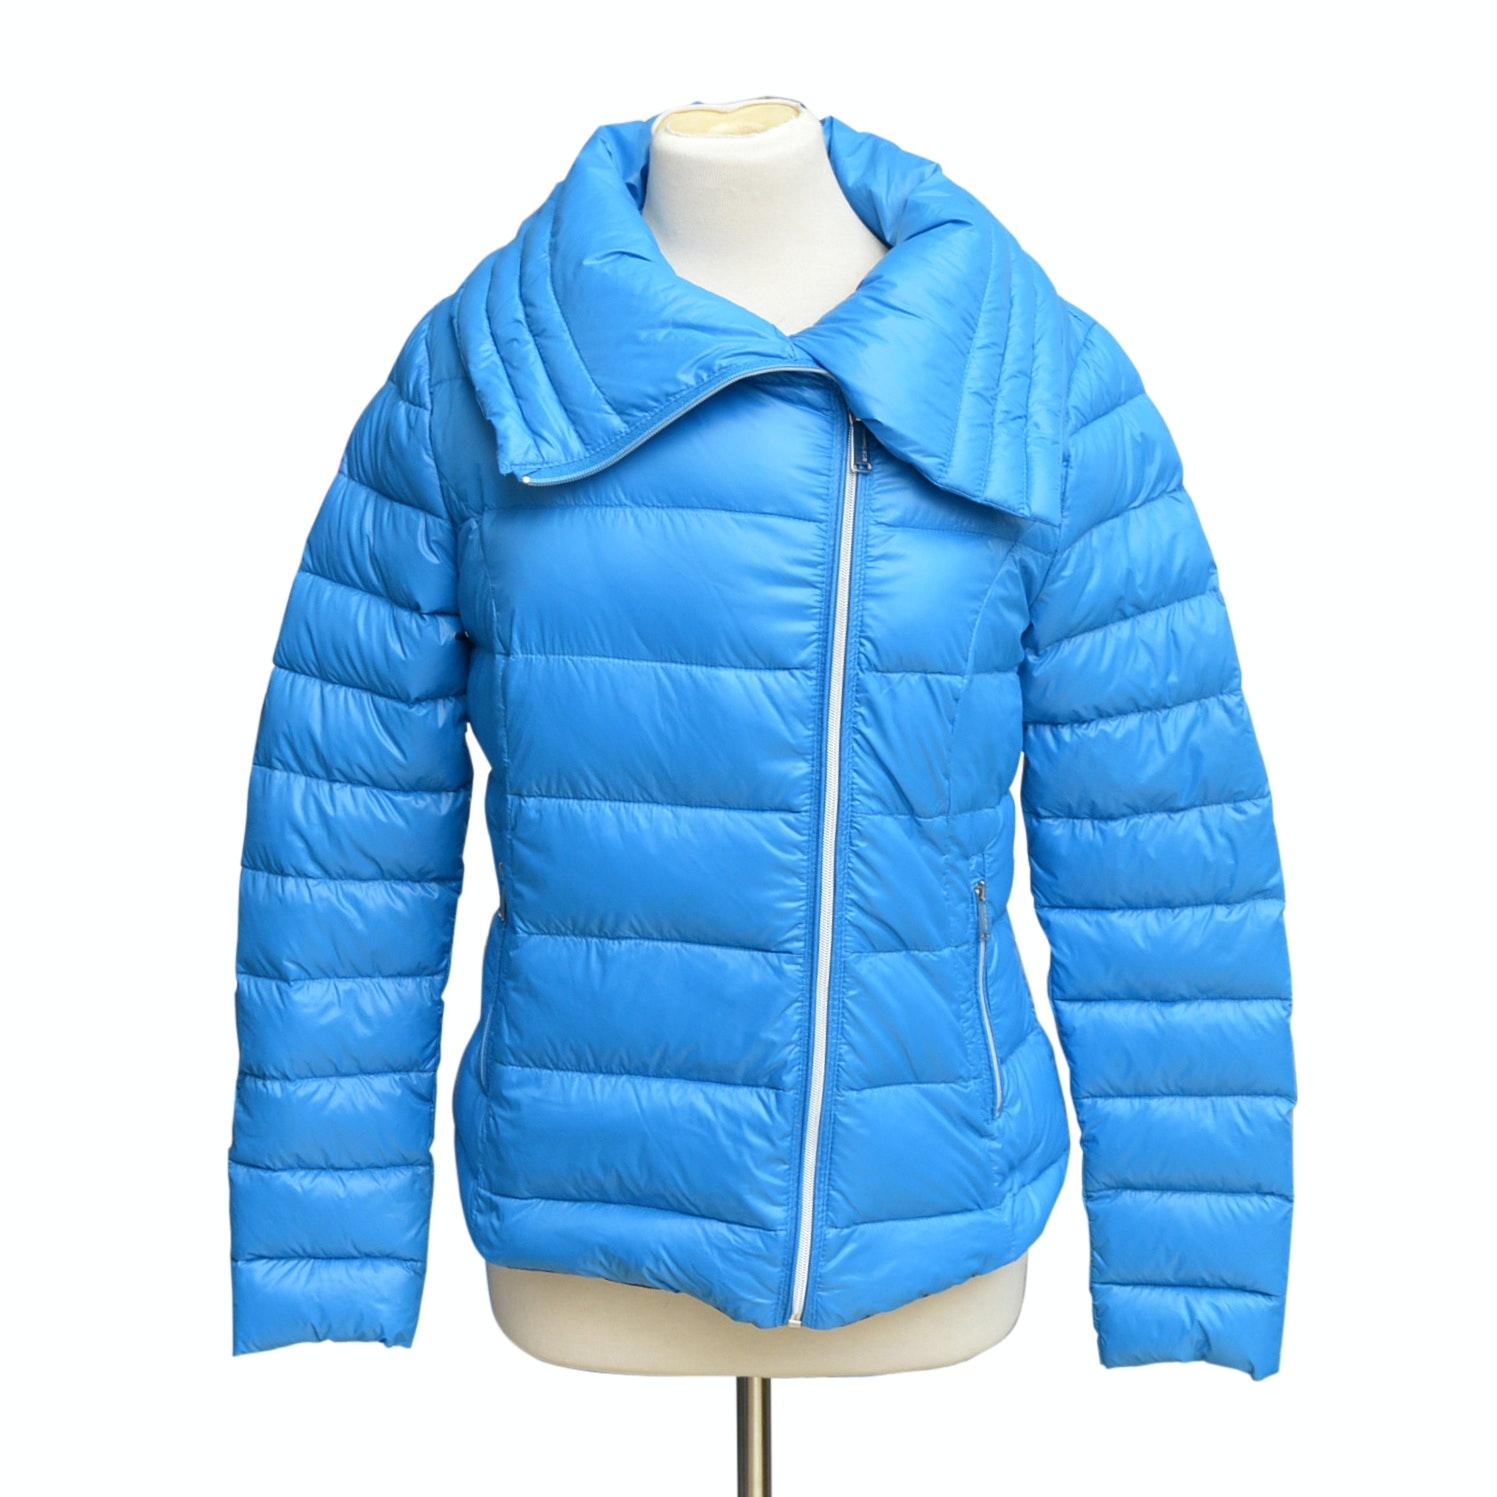 BCBG Blue Down-Filled Jacket